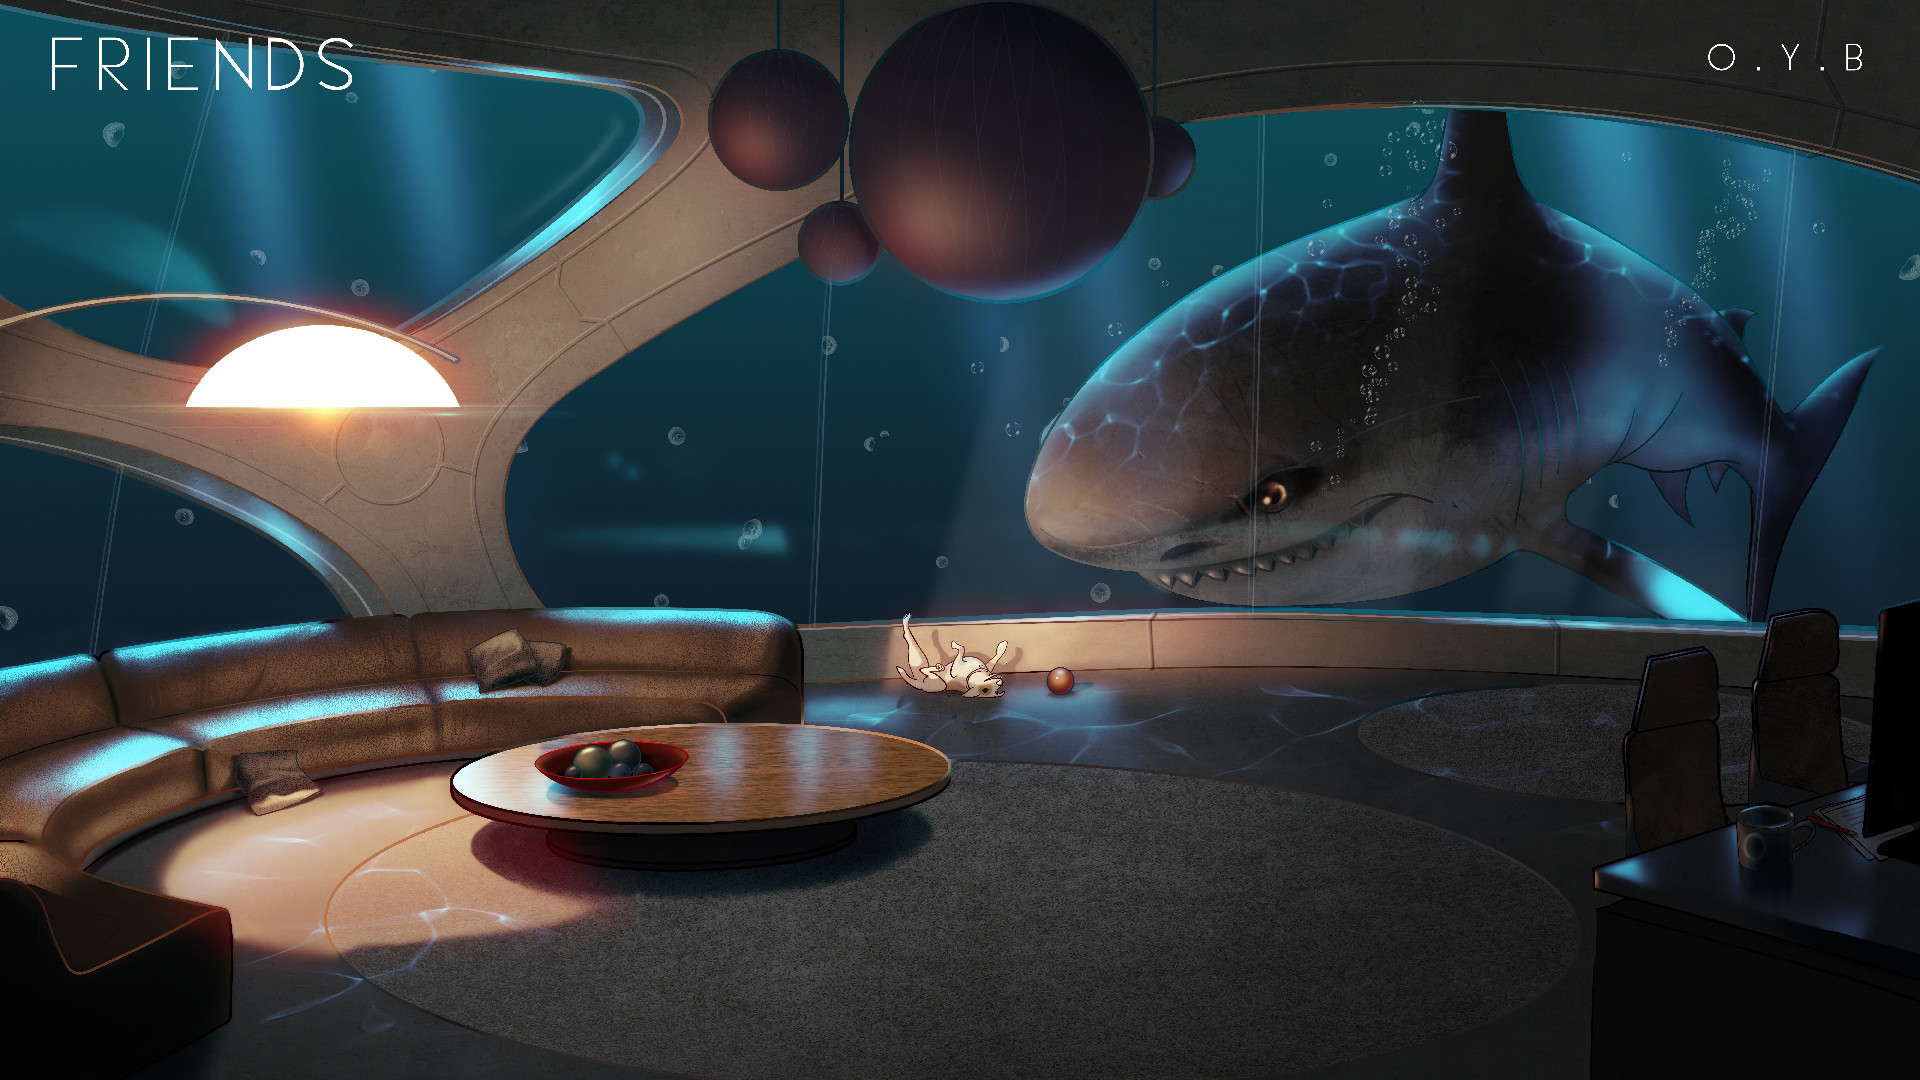 Glenn melenhorst shark